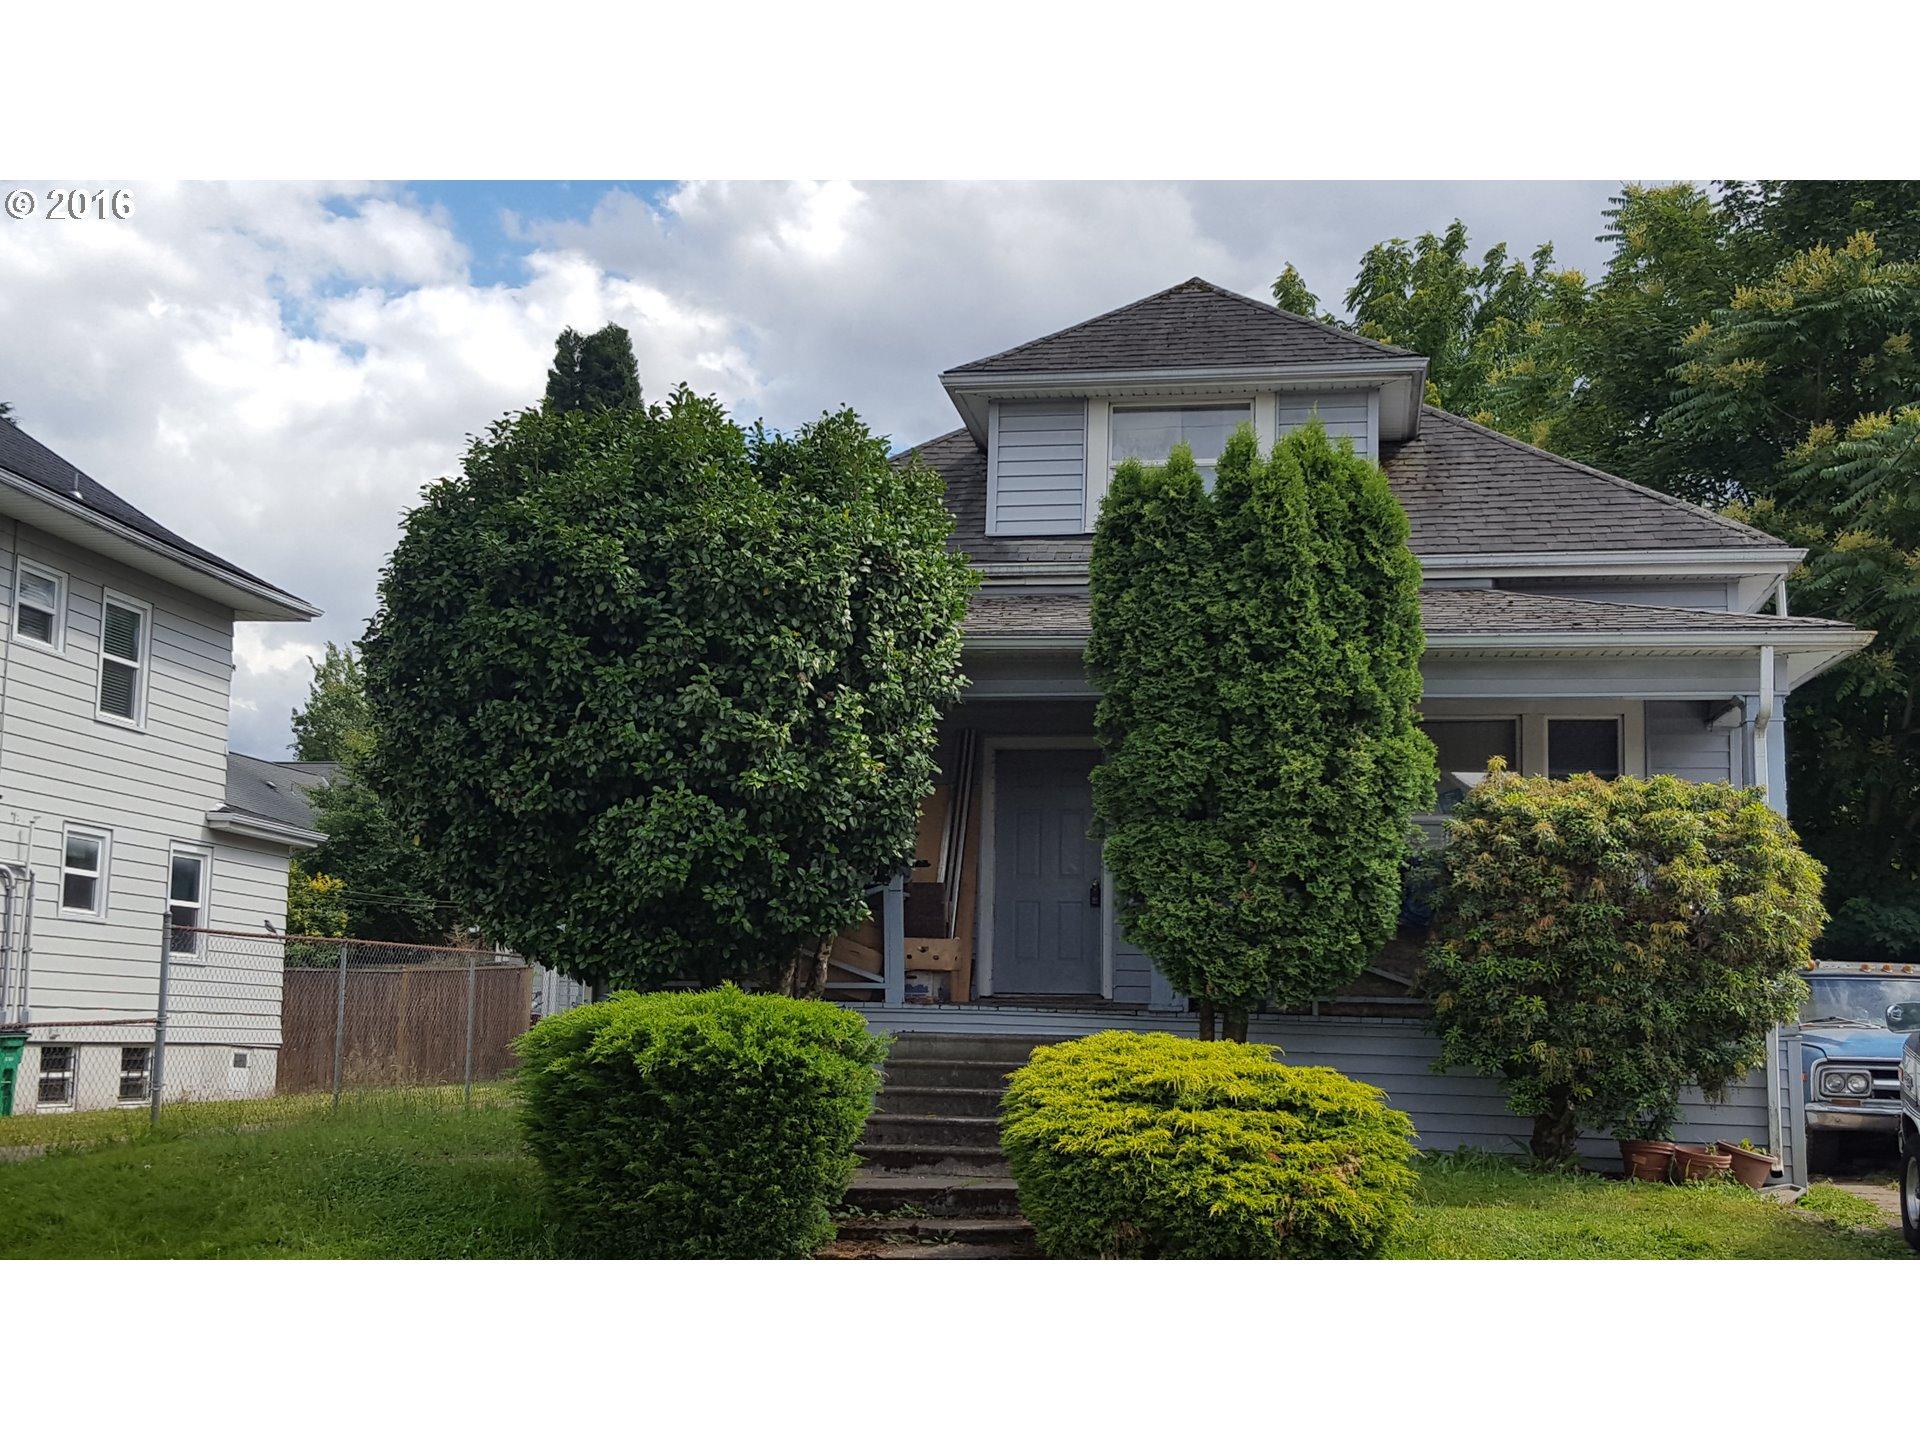 506 NE MONROE ST, Portland, OR 97212